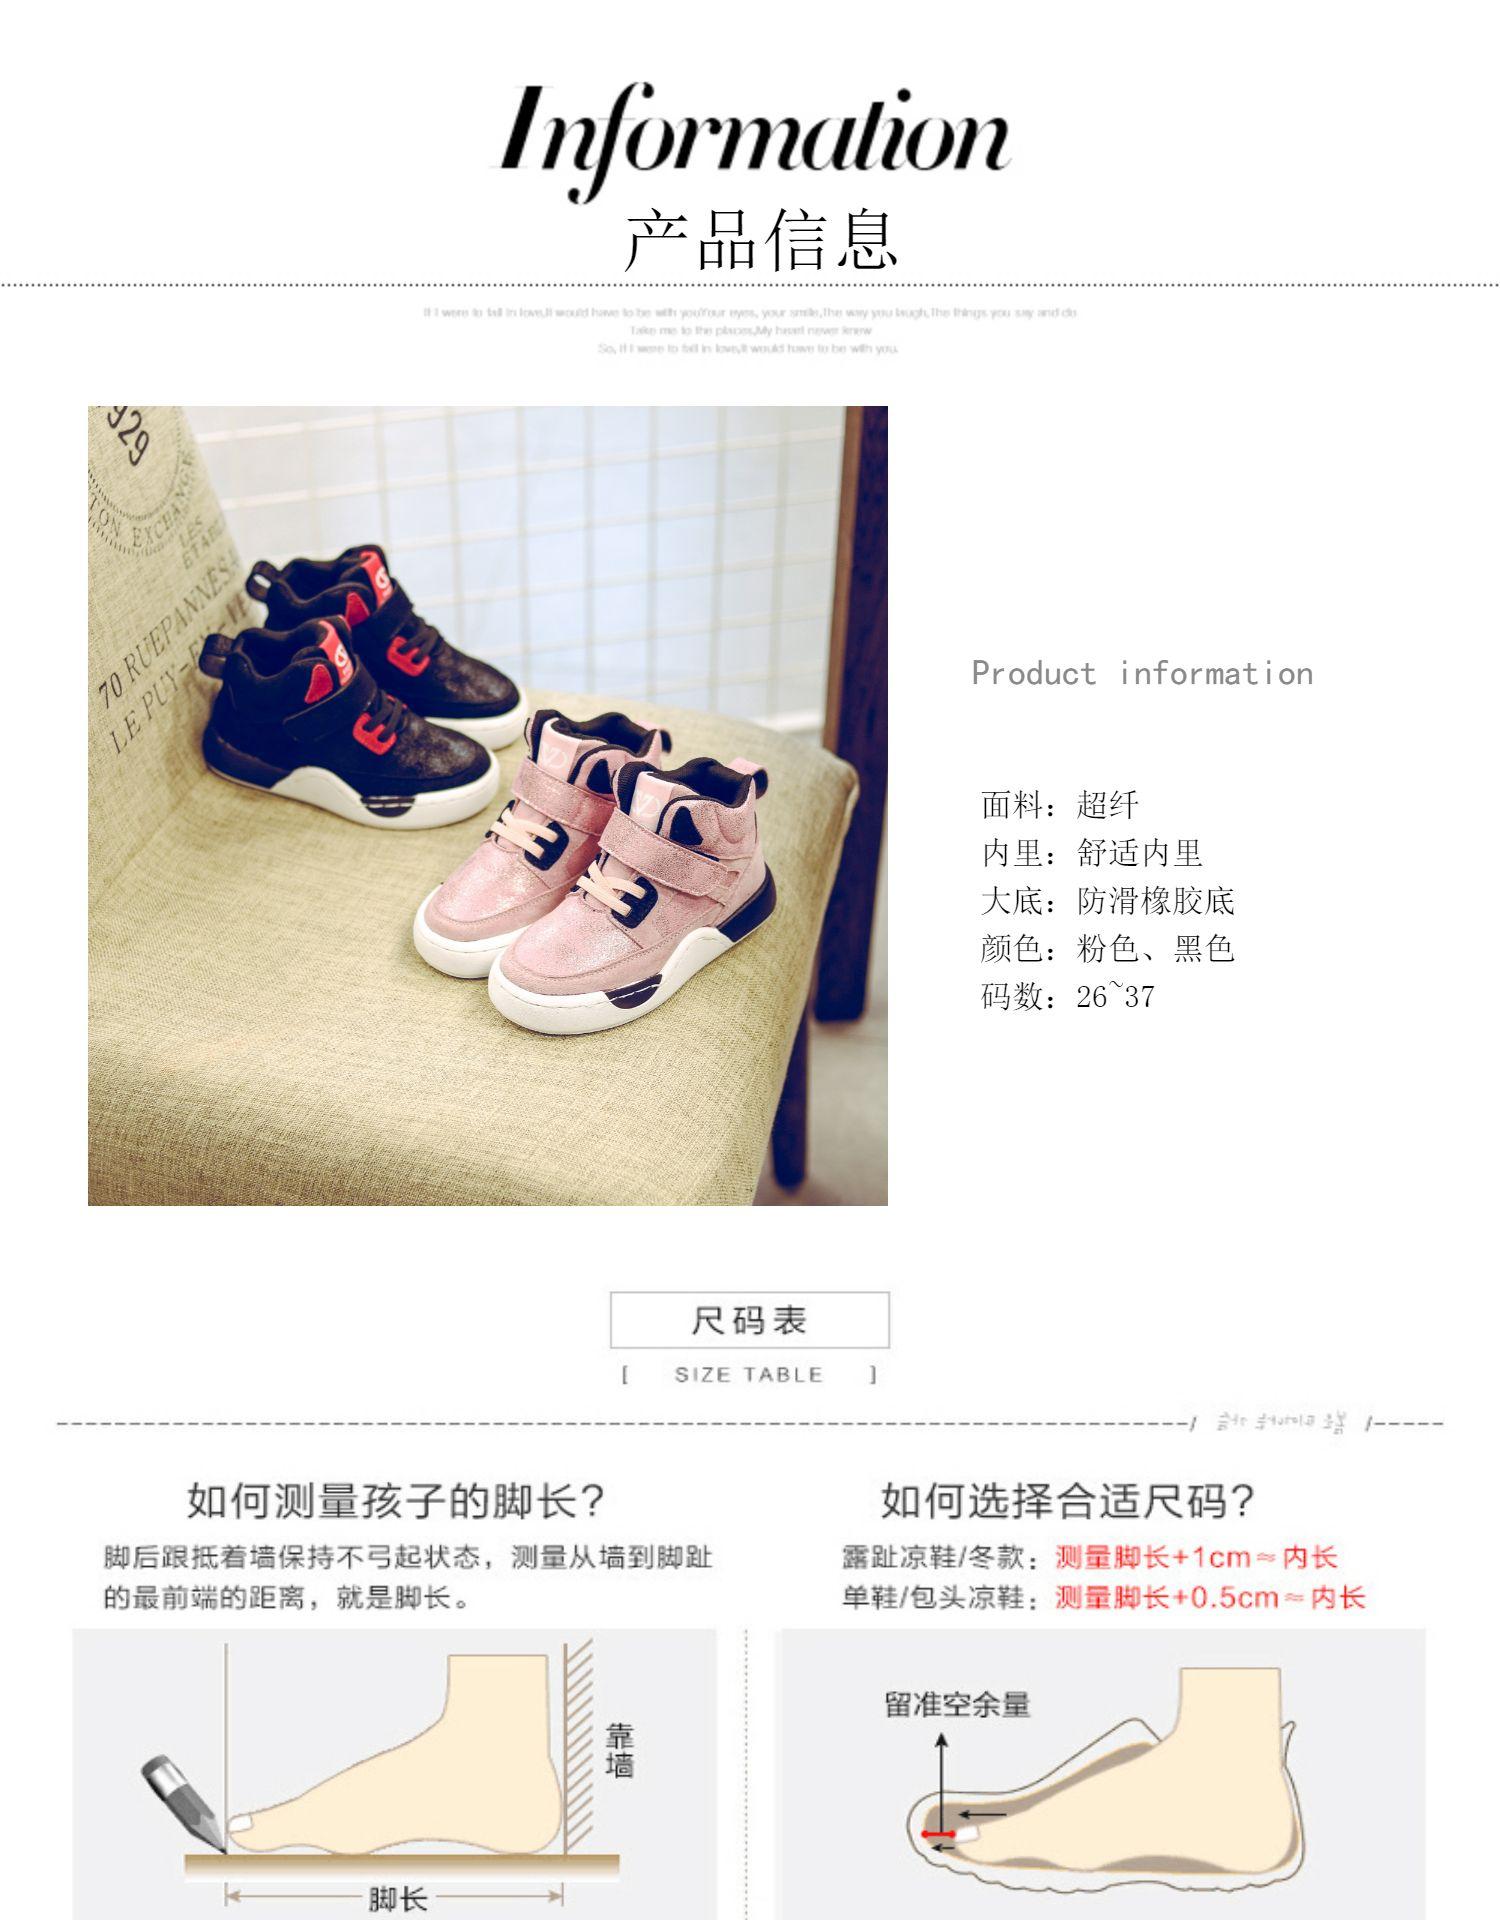 女童运动鞋中大童高筒鞋二棉鞋男童老爹鞋秋冬童鞋新款鞋子详细照片